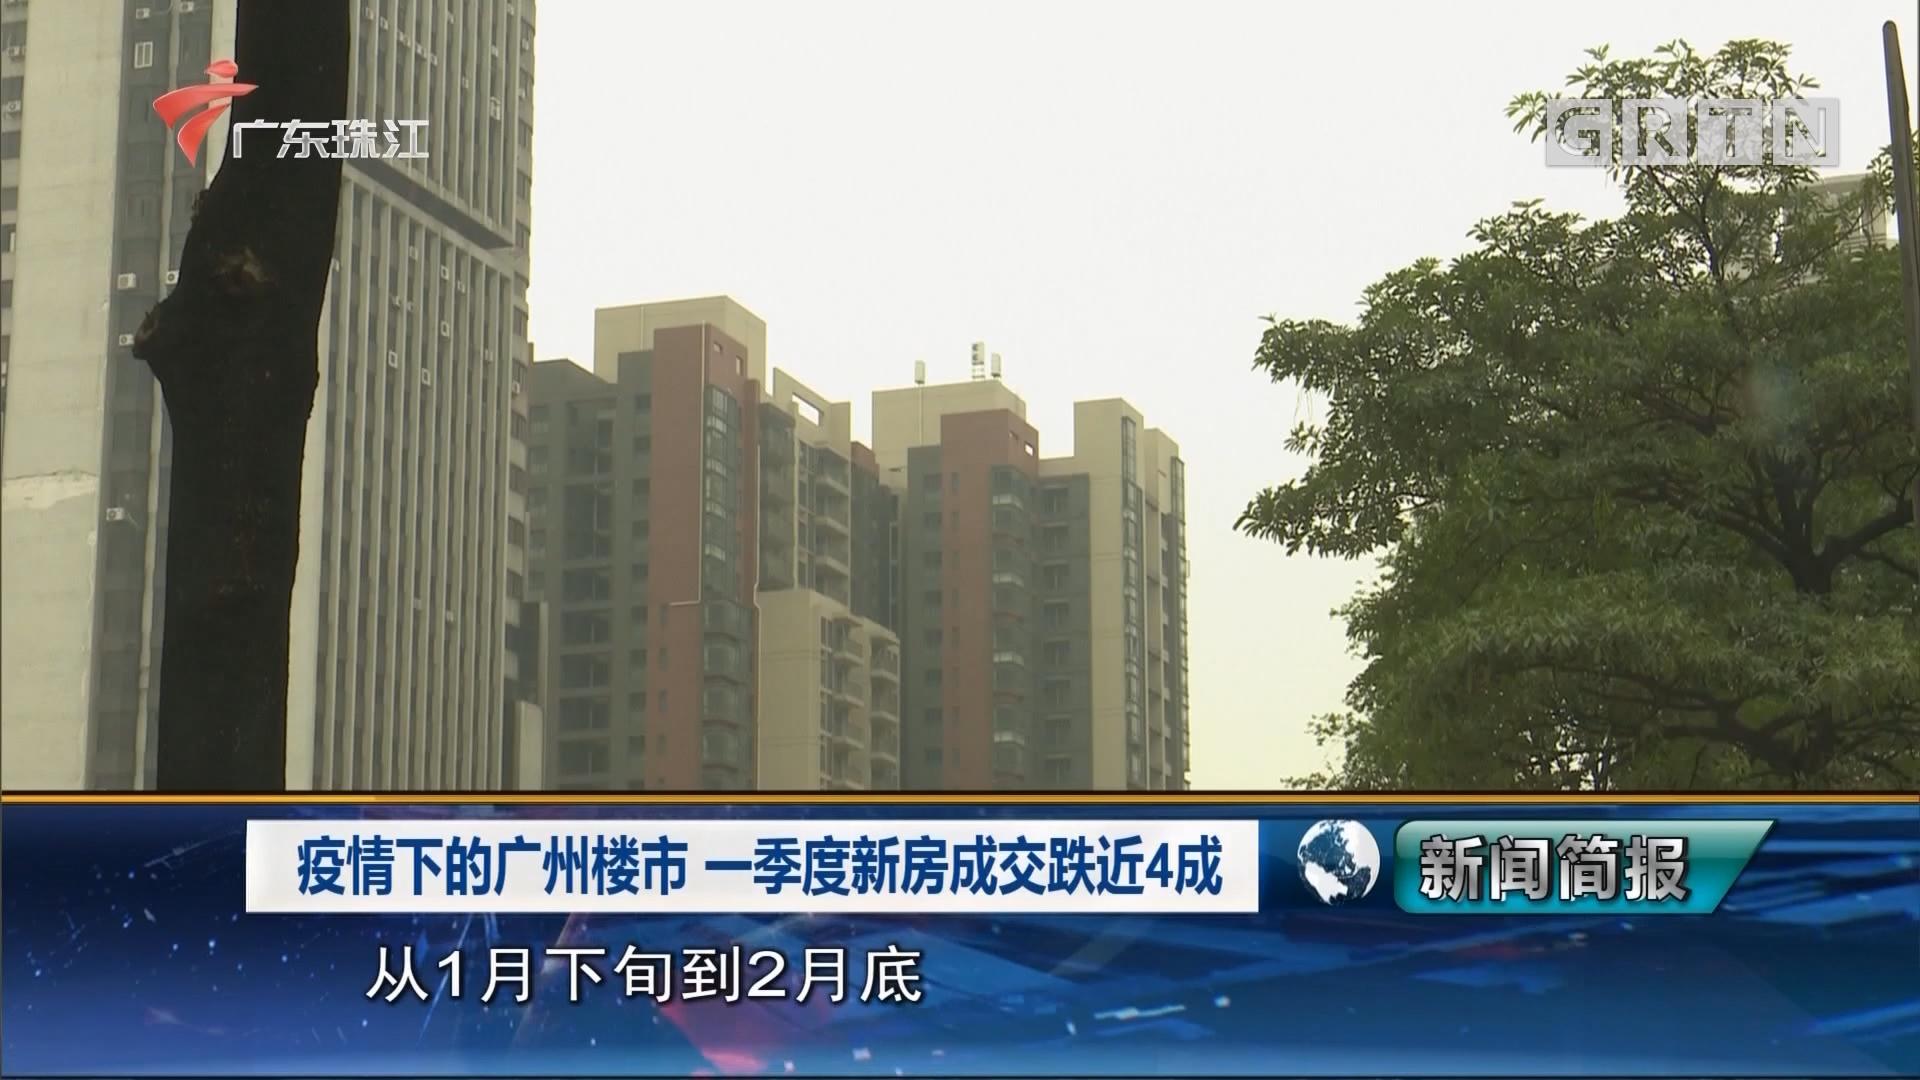 疫情下的广州楼市  一季度新房成交跌近4成